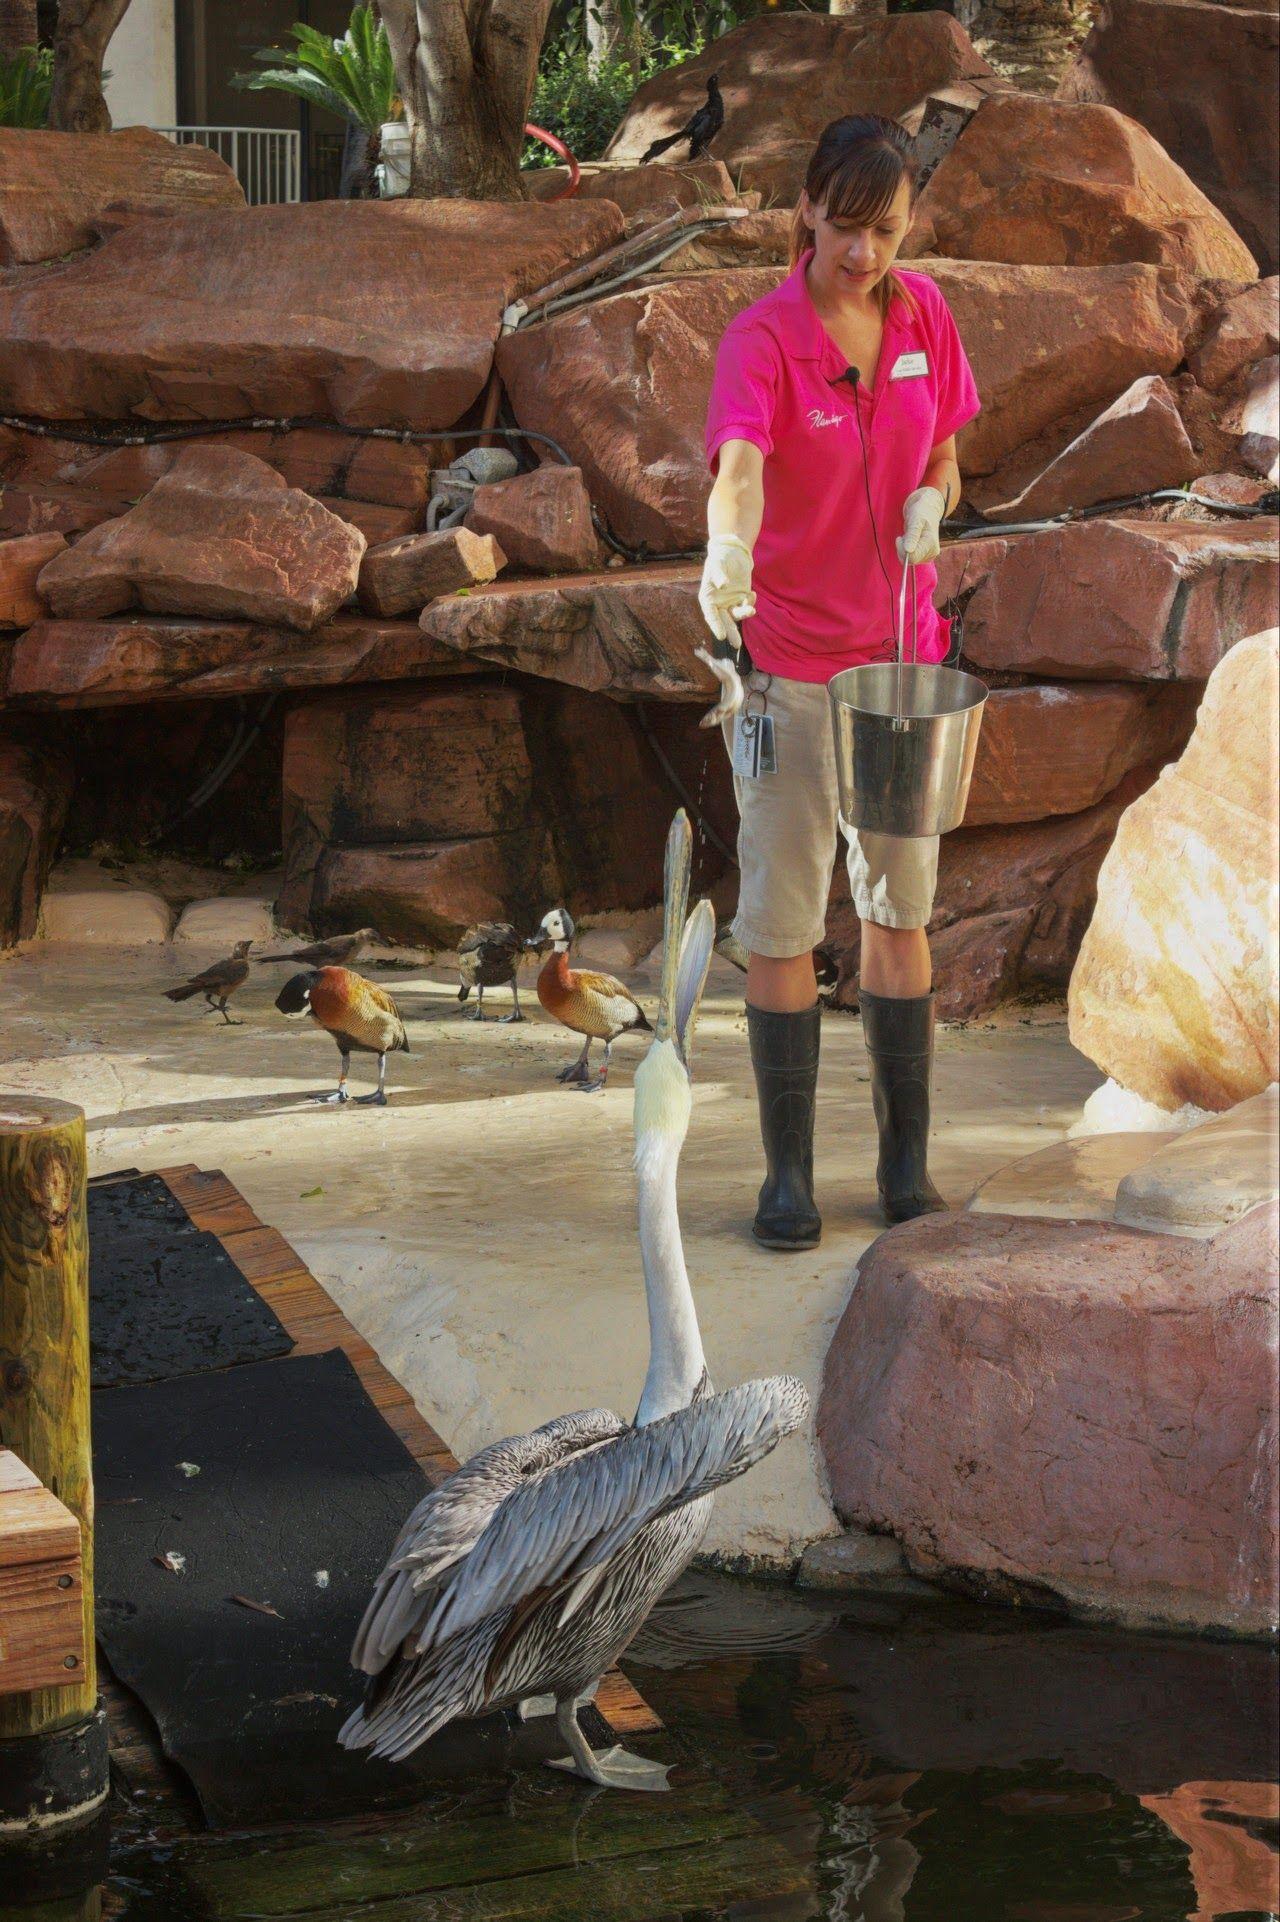 Inconcebible que el pelicano desayune antes que nosotros